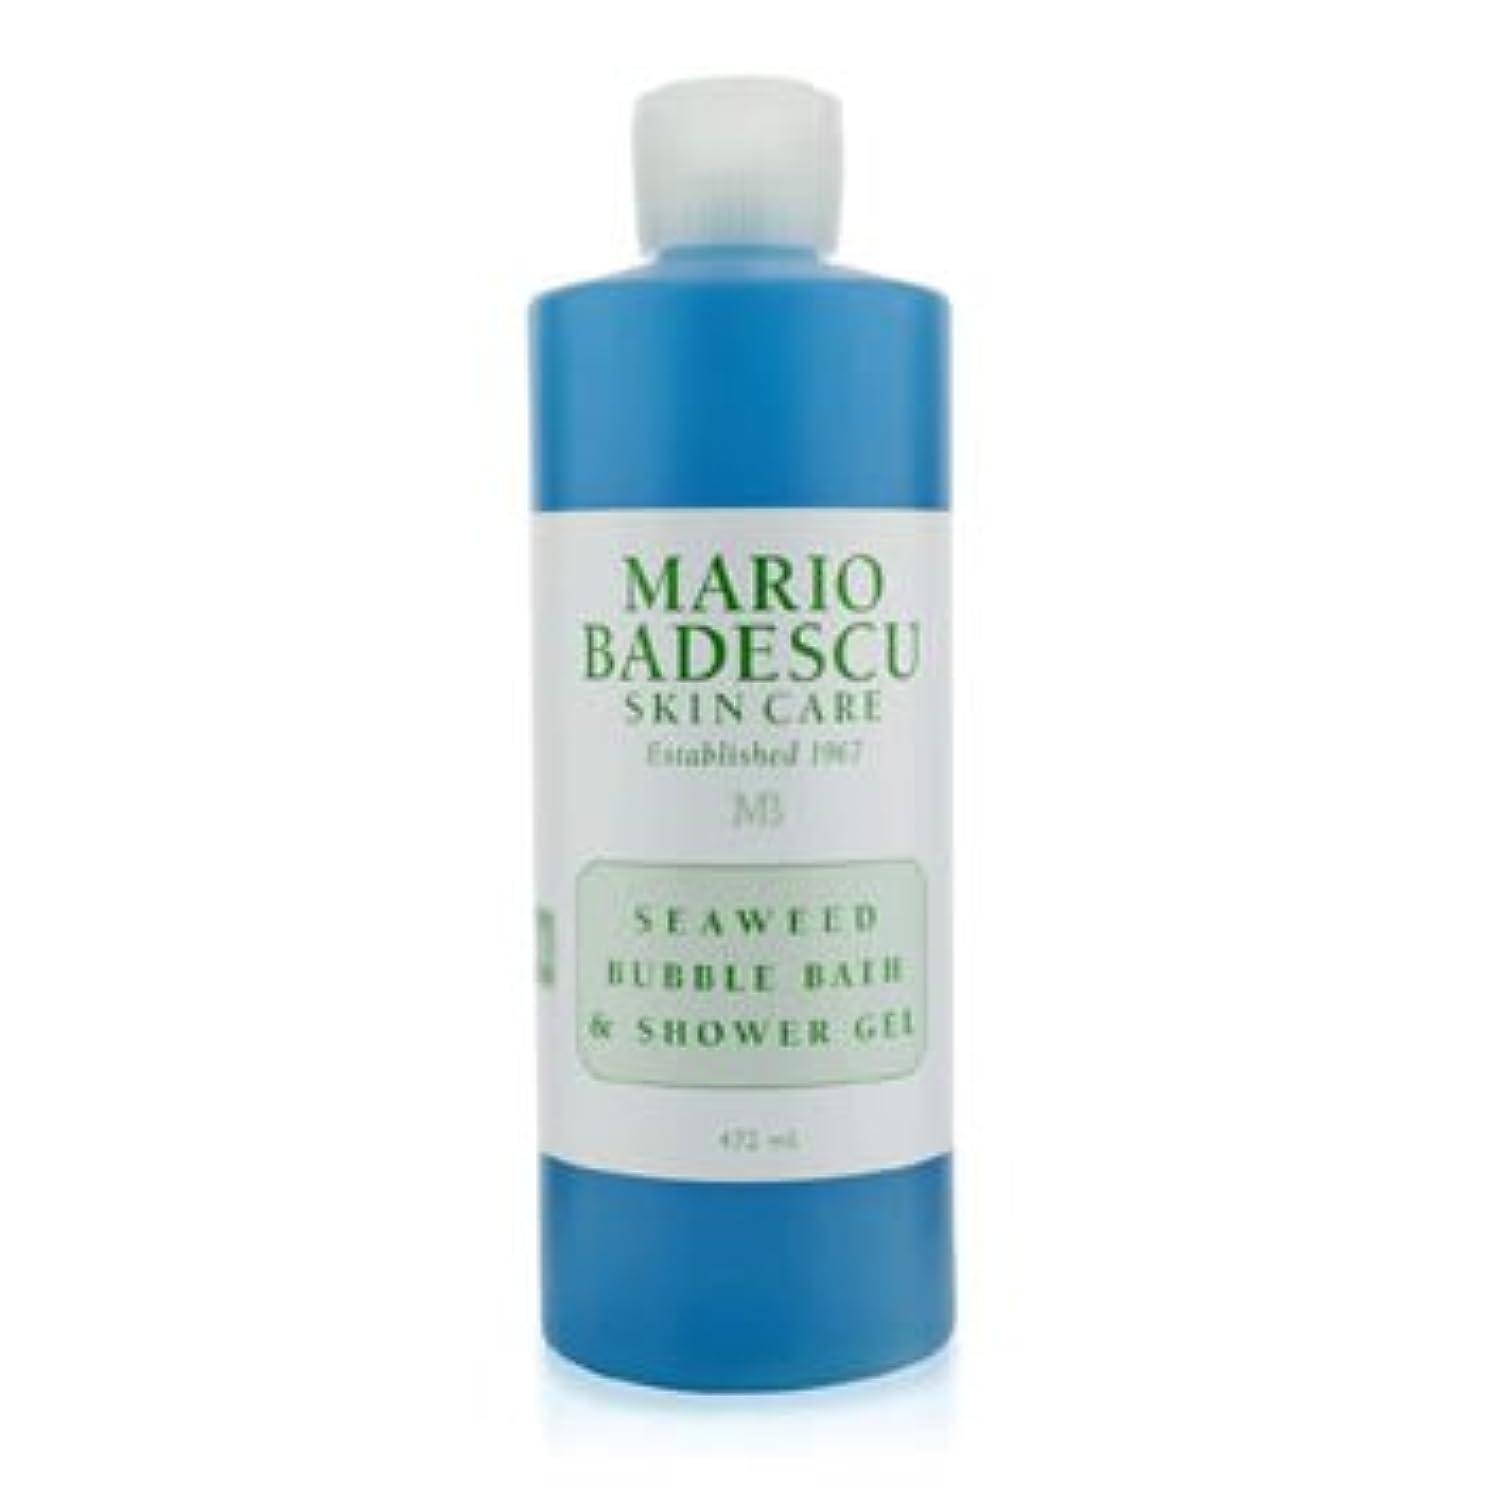 質量日付定説[Mario Badescu] Seaweed Bubble Bath & Shower Gel 472ml/16oz